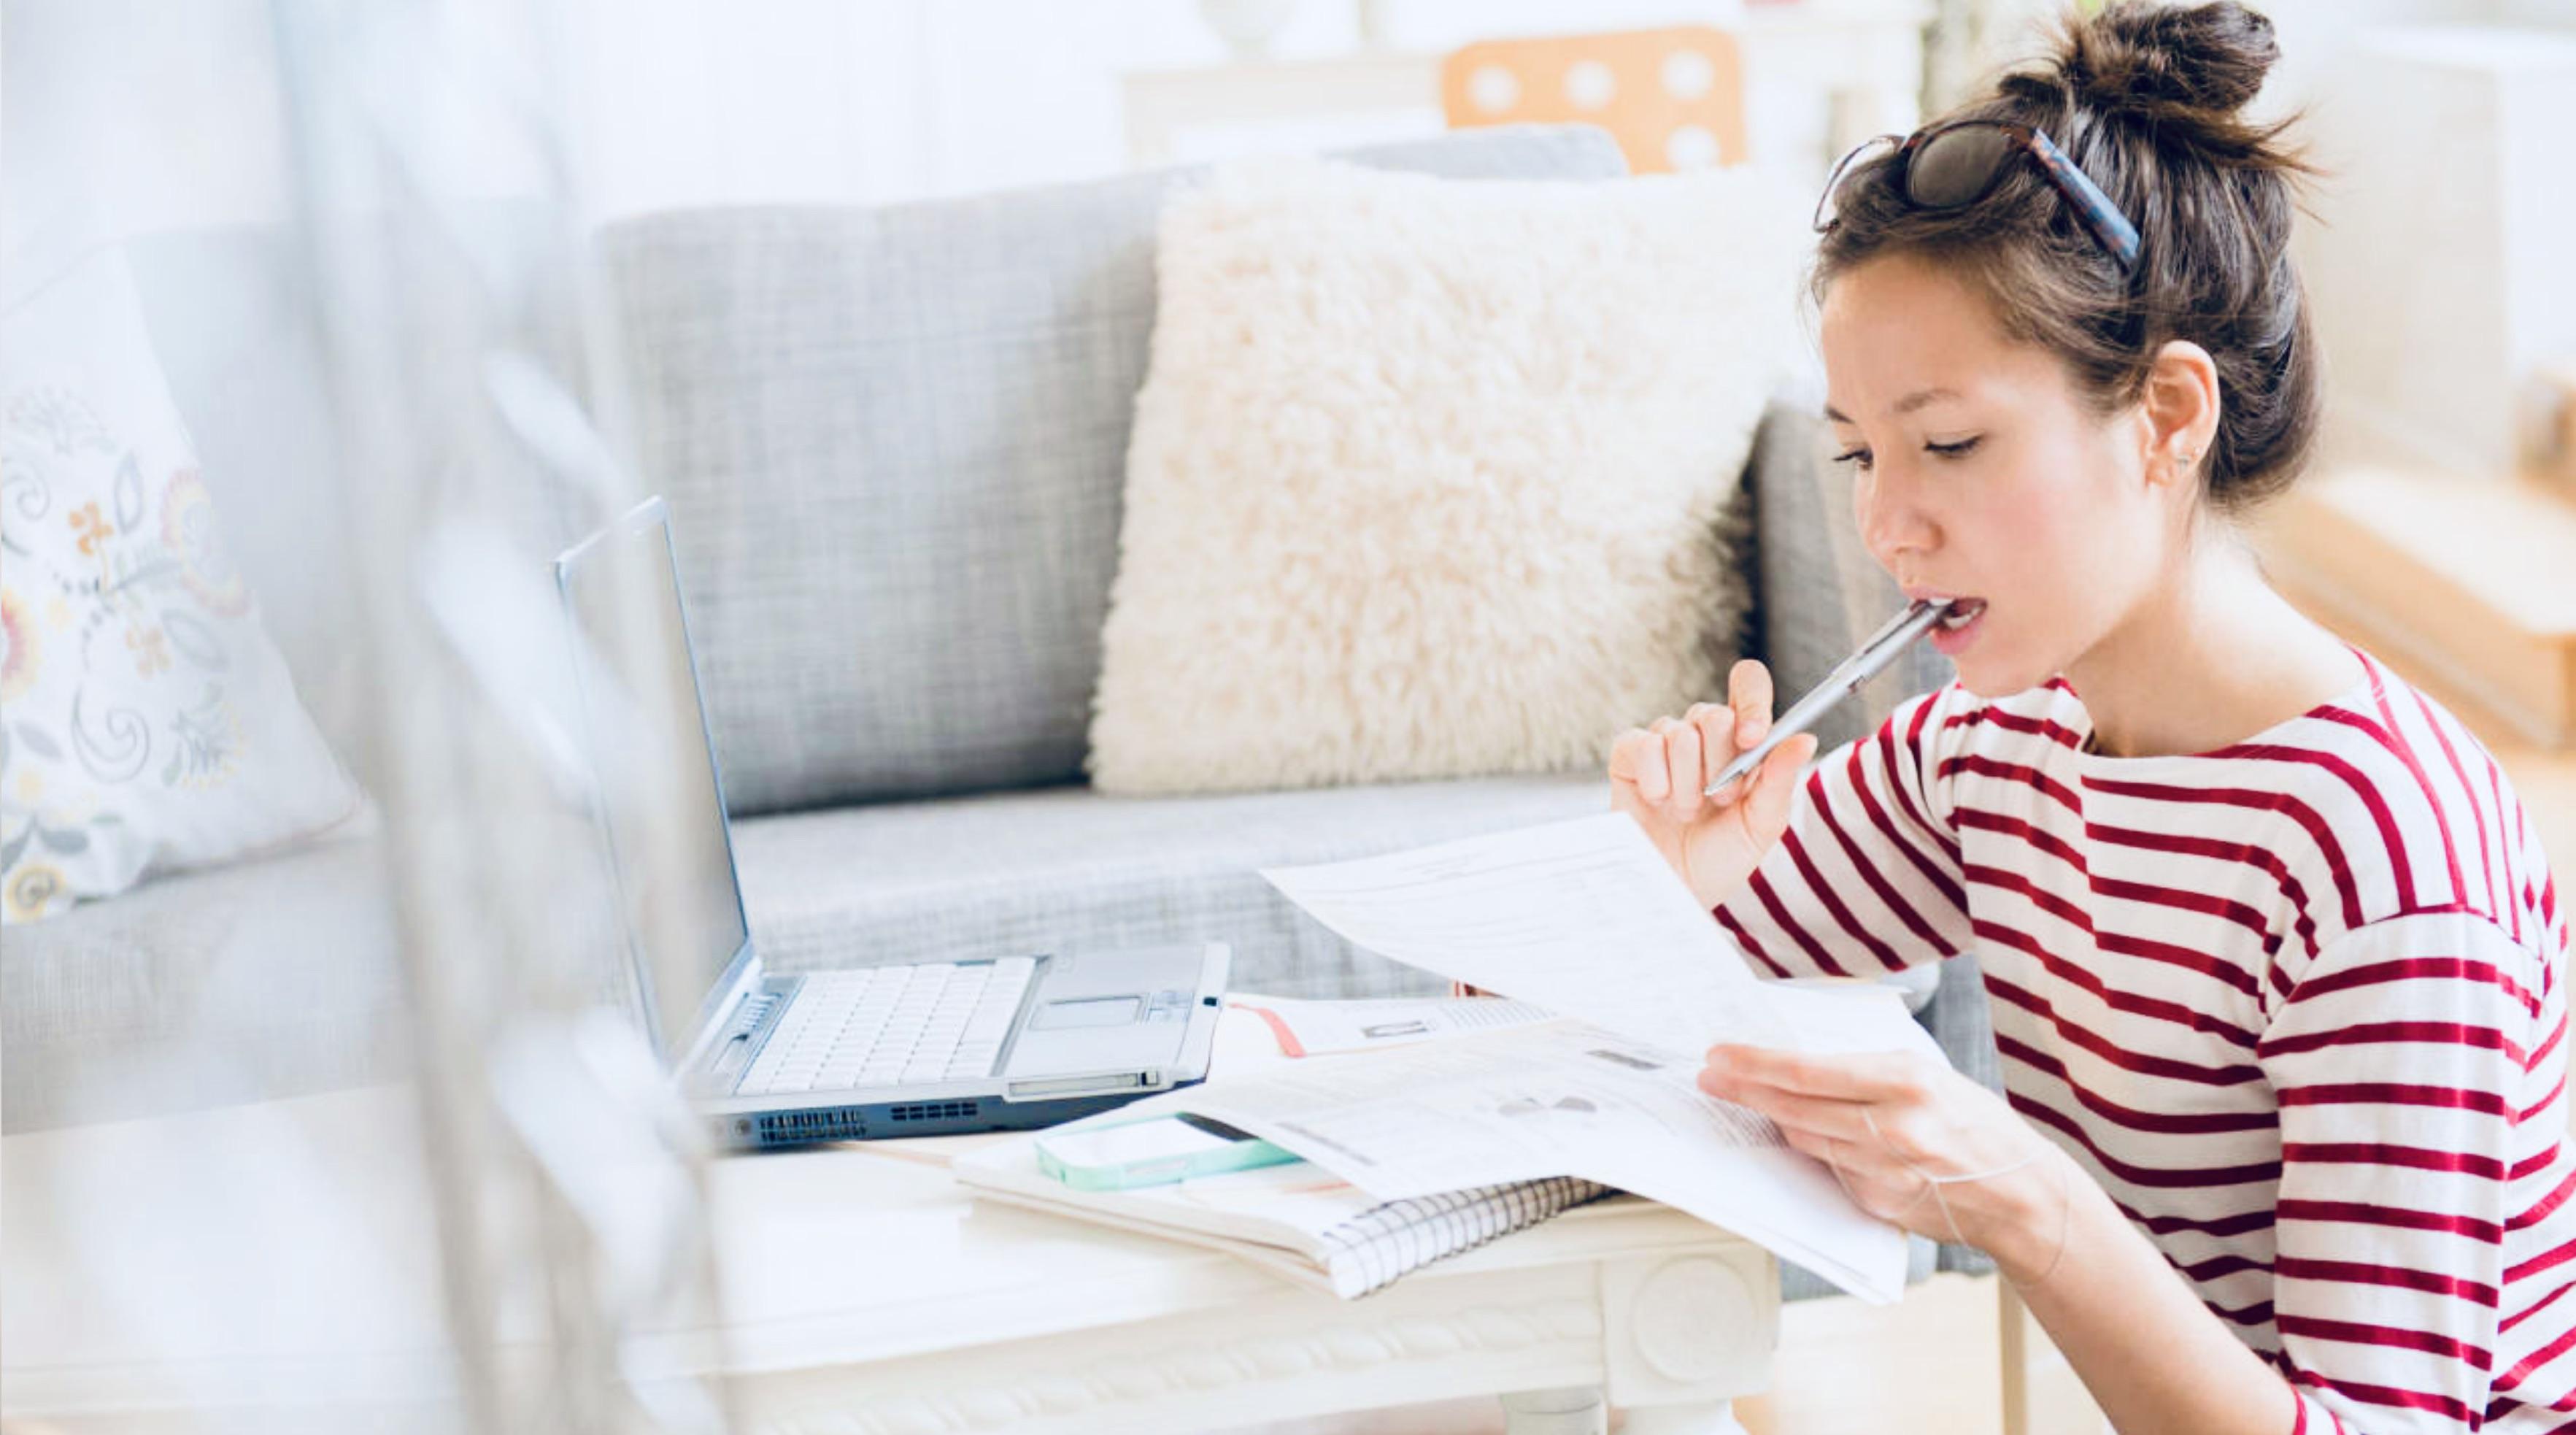 Prepare Financially If Facing Job Loss